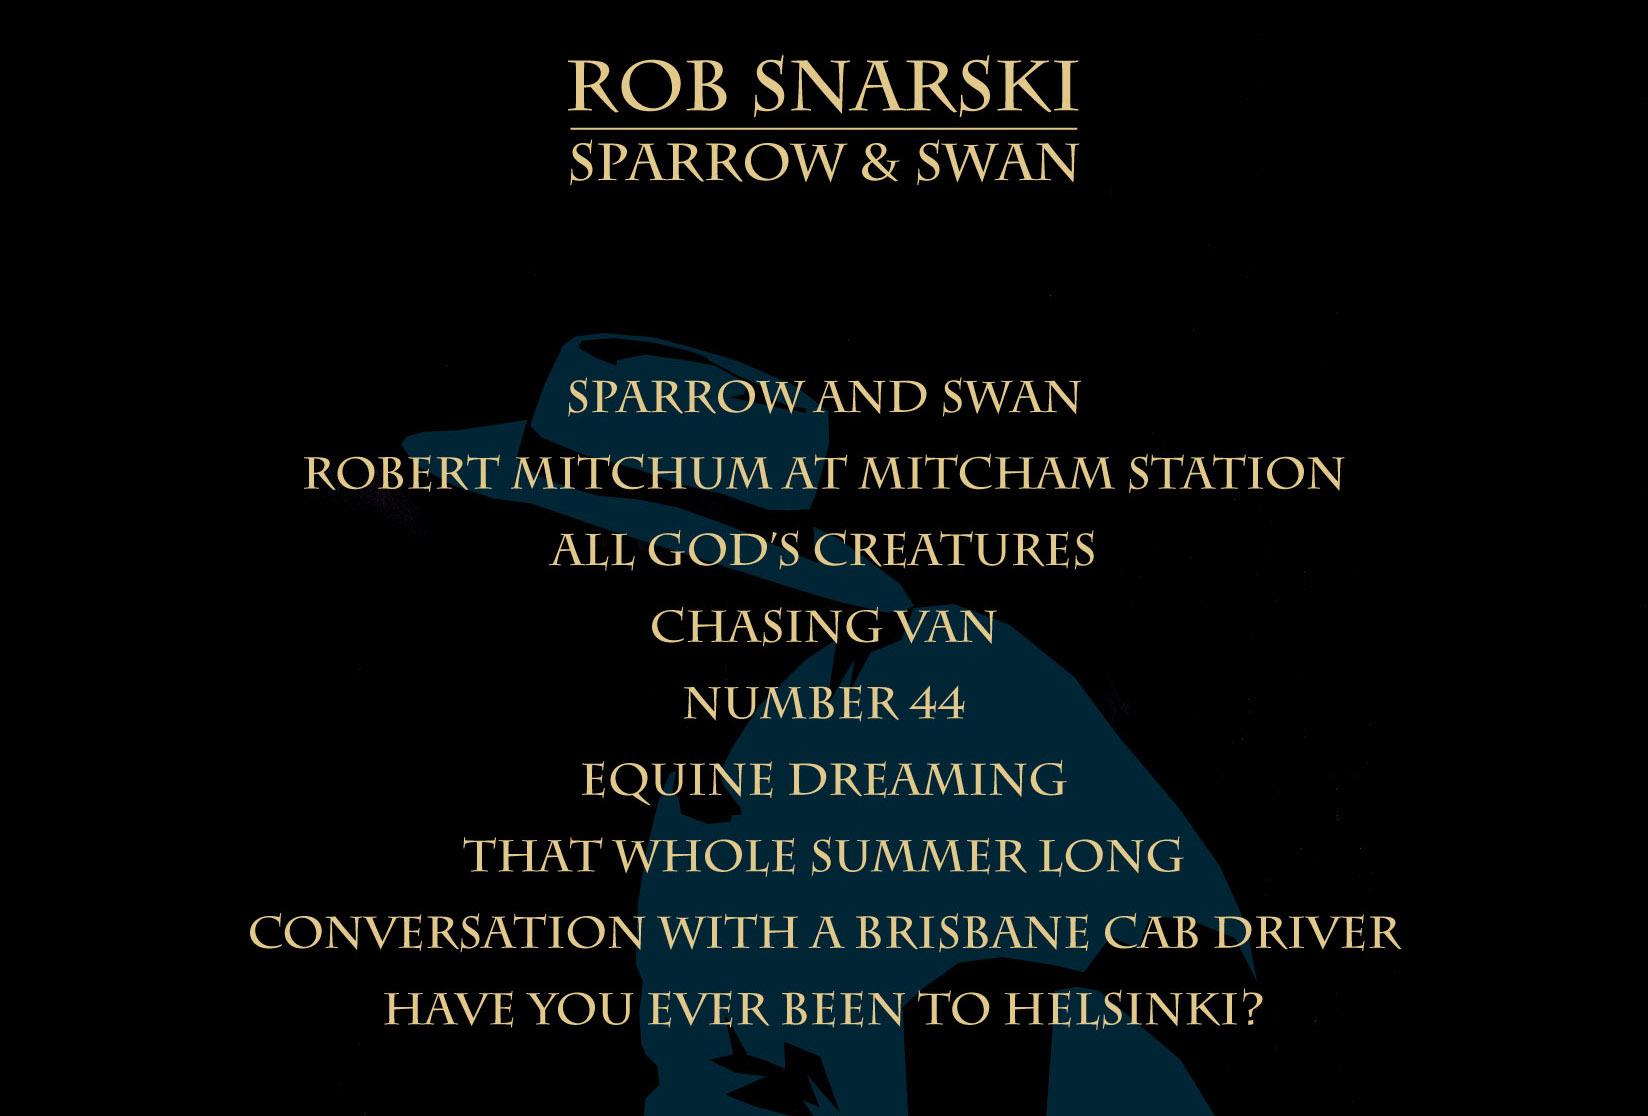 Sparrow & Swan back cover copy.jpg